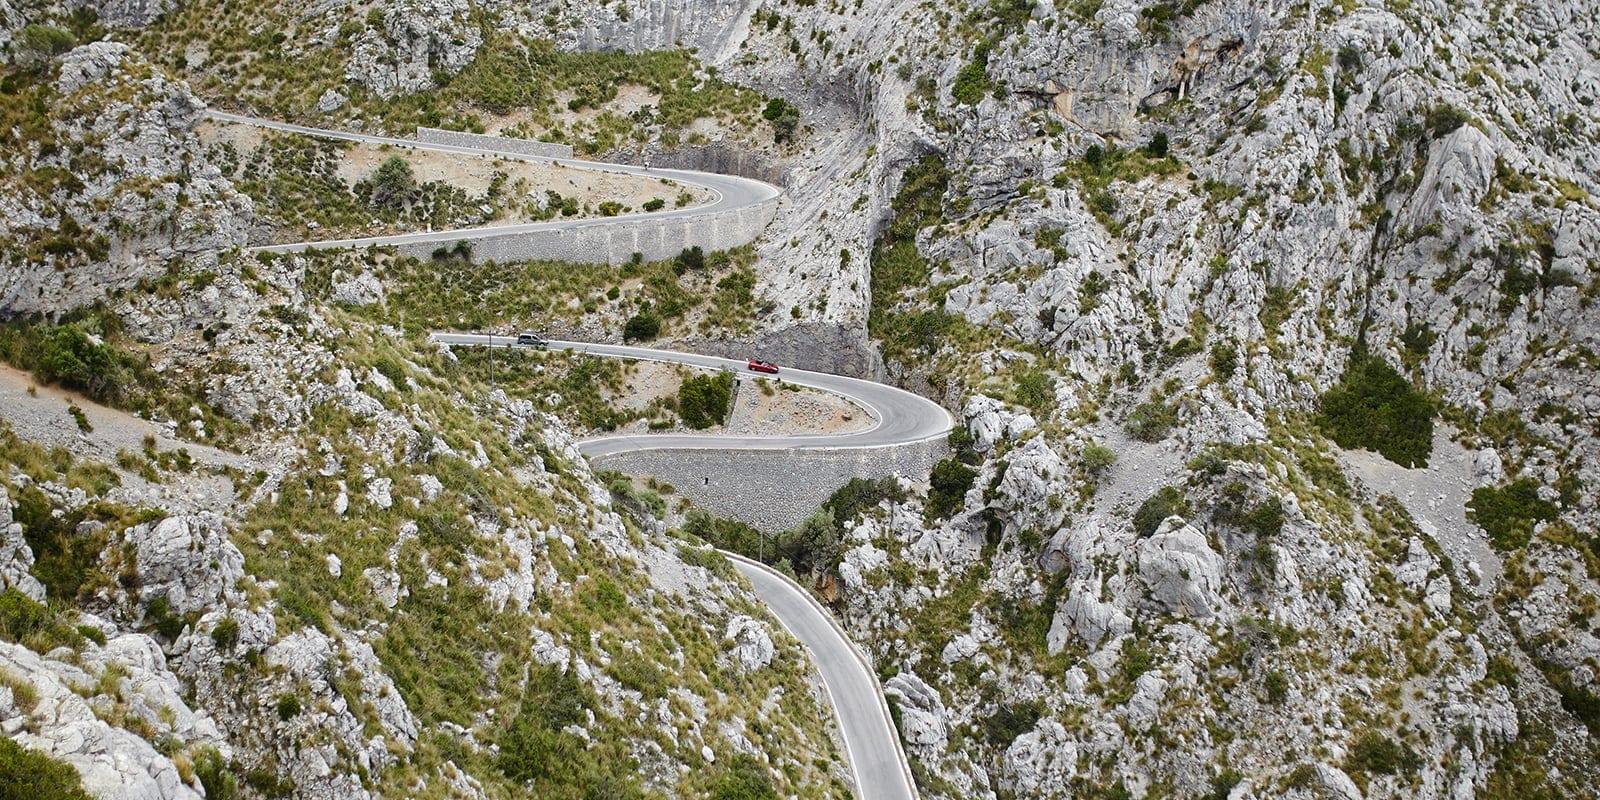 Cycling road Sa Colobra